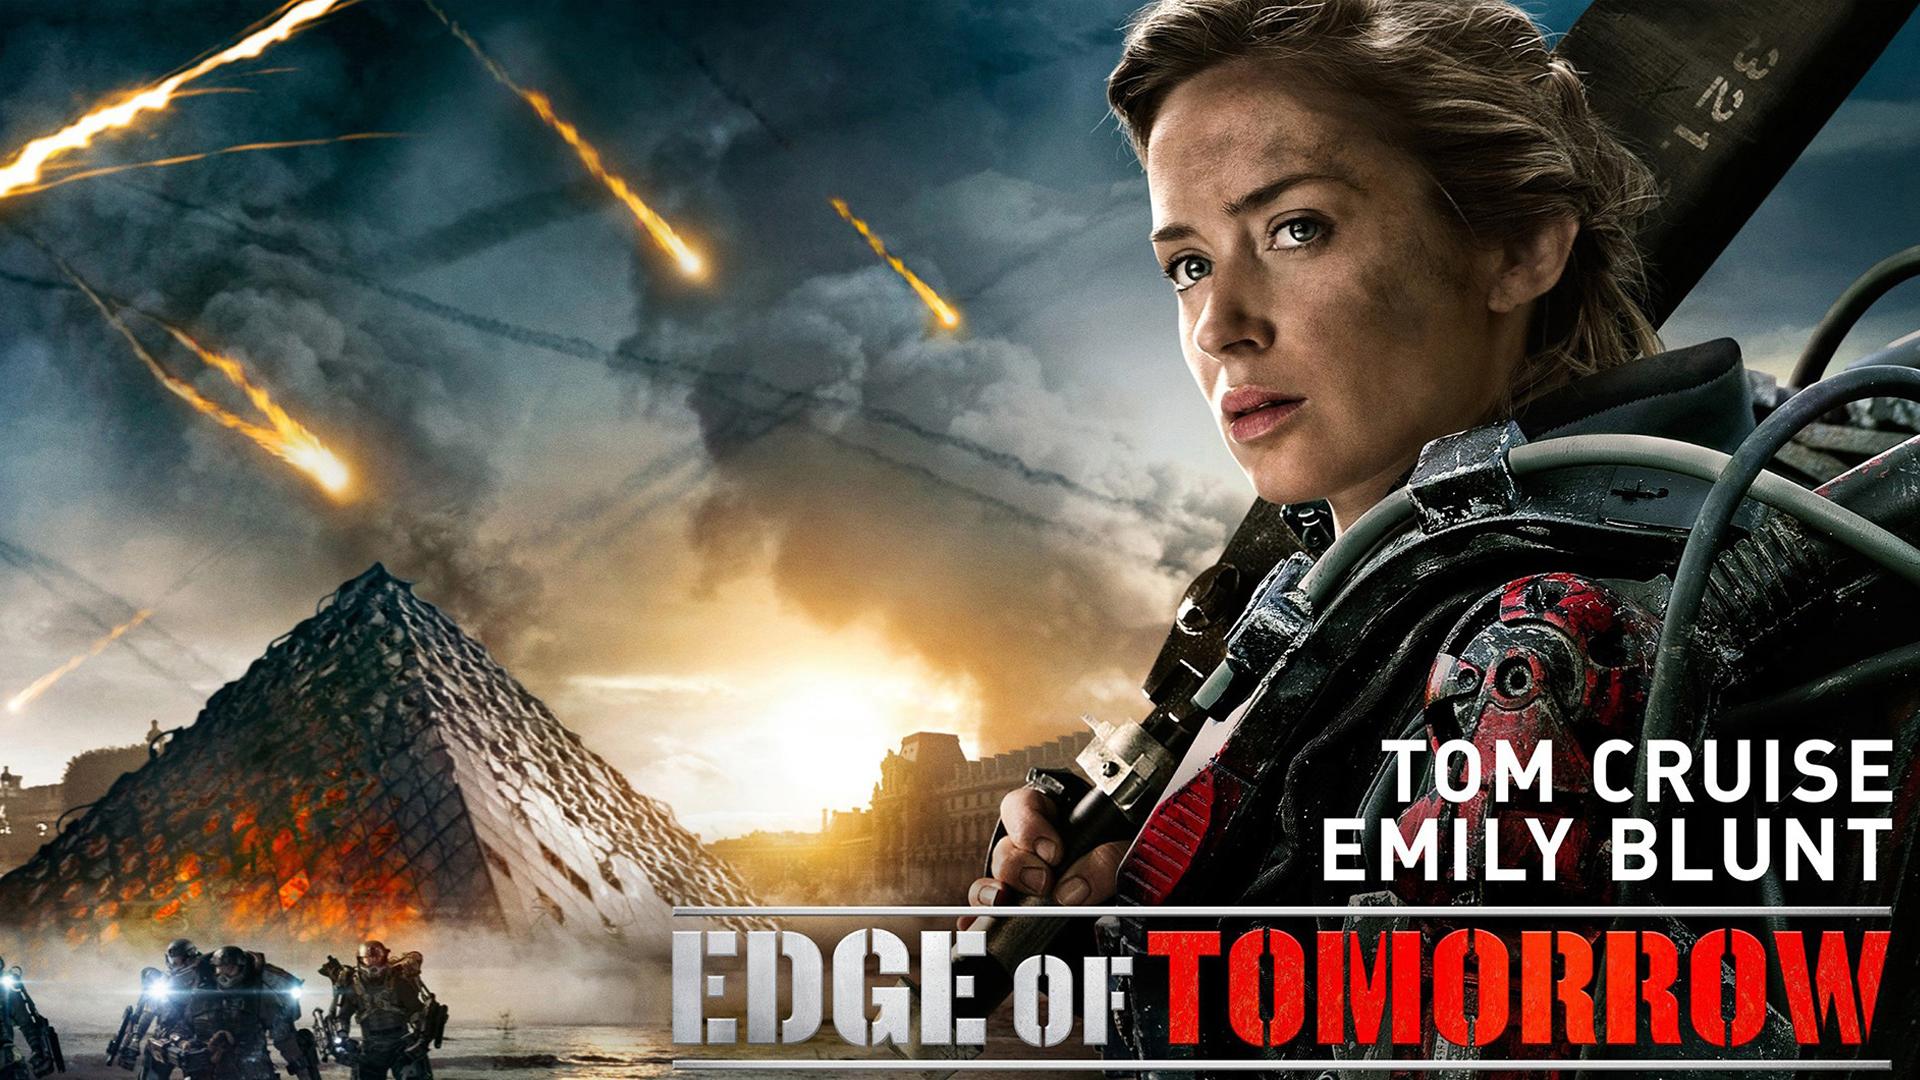 blunt as rita in edge of tomorrow 2014 hd girl action sci fi movie ...